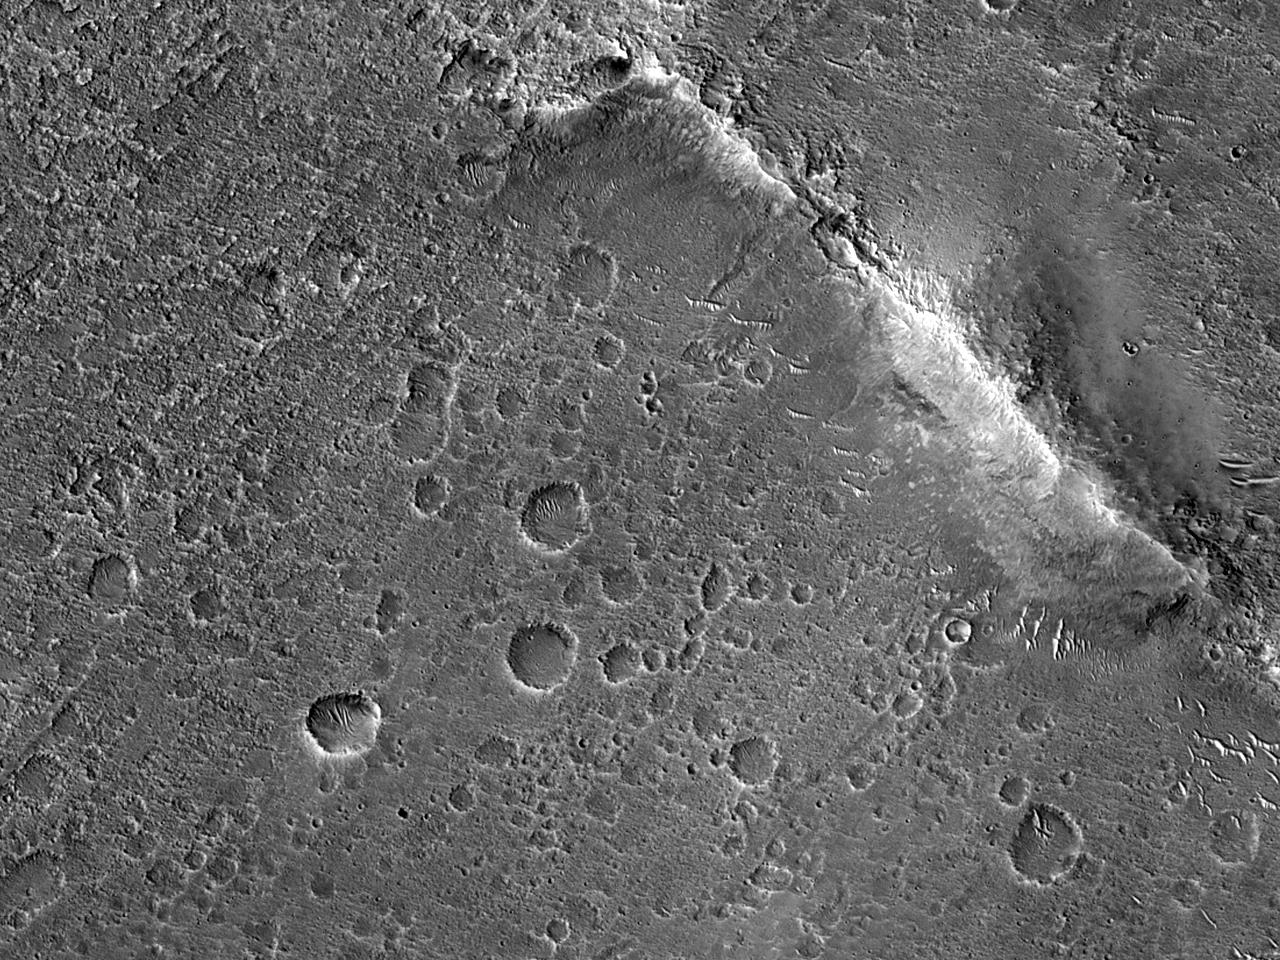 Posibil filon de lavă (dyke) în Aromatum Chaos